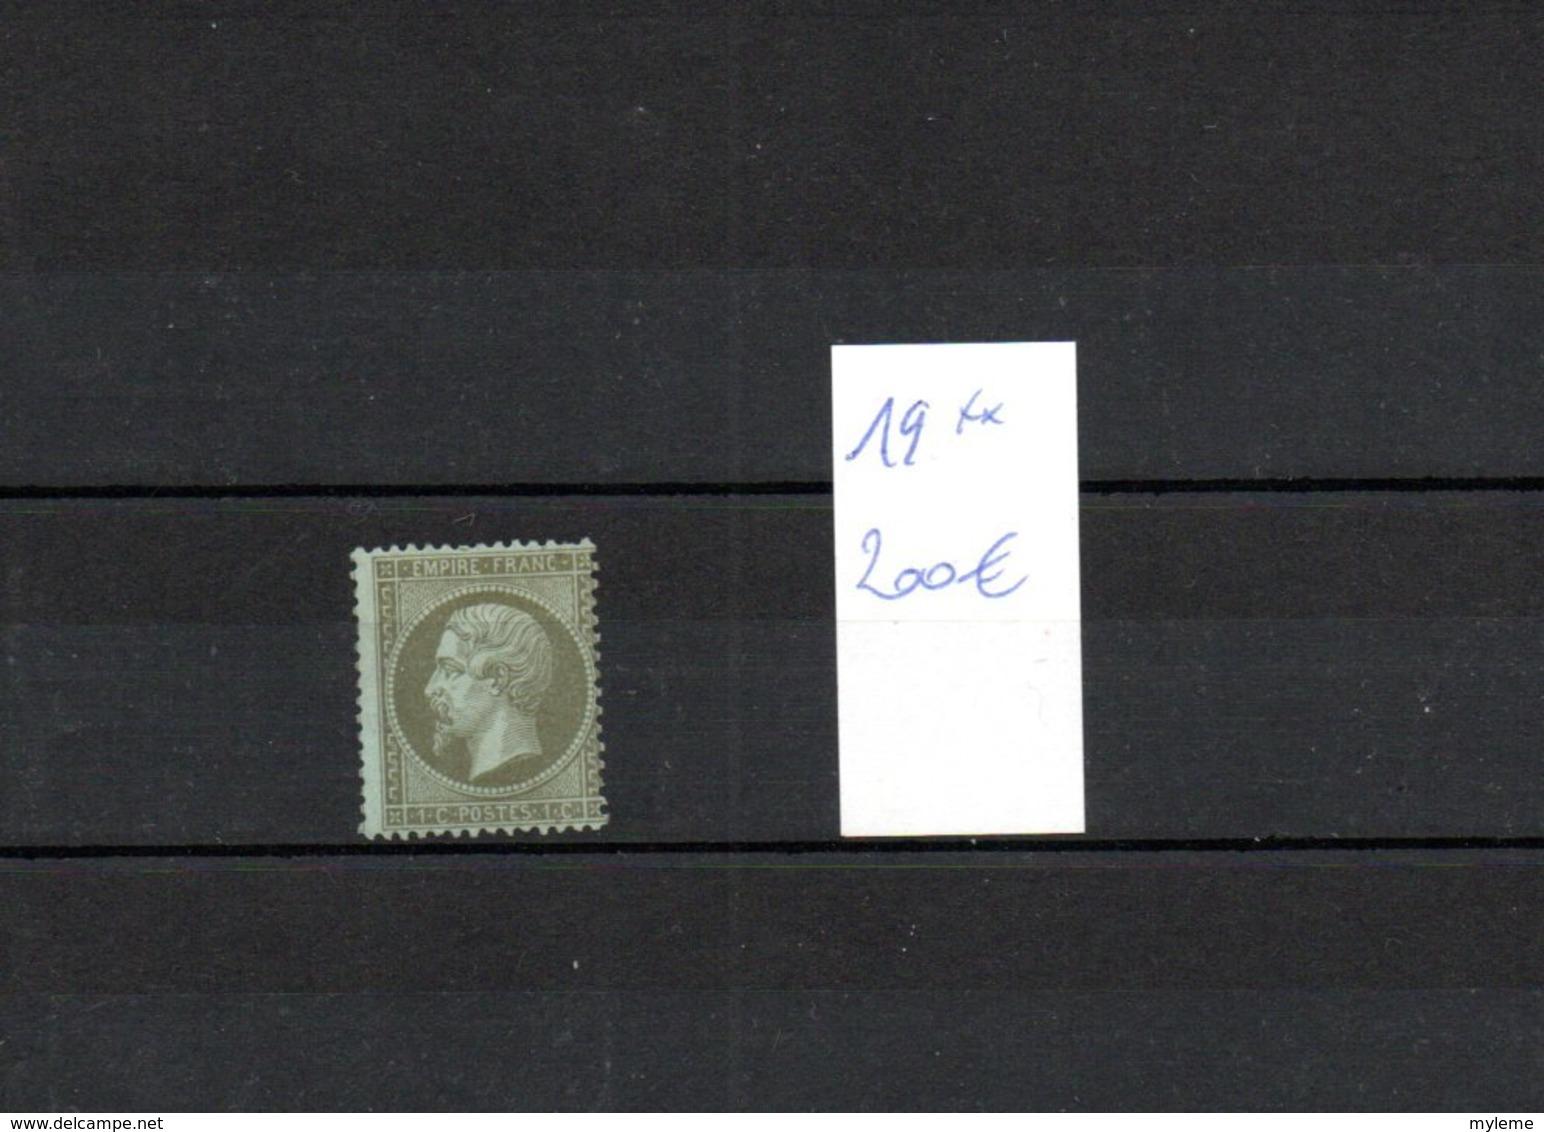 Carton Dont France 28A**, 19+20**, 19+28B** Bandes Pétain **+séries Oblitérés...Voir Comm !!! - Lots & Kiloware (mixtures) - Min. 1000 Stamps